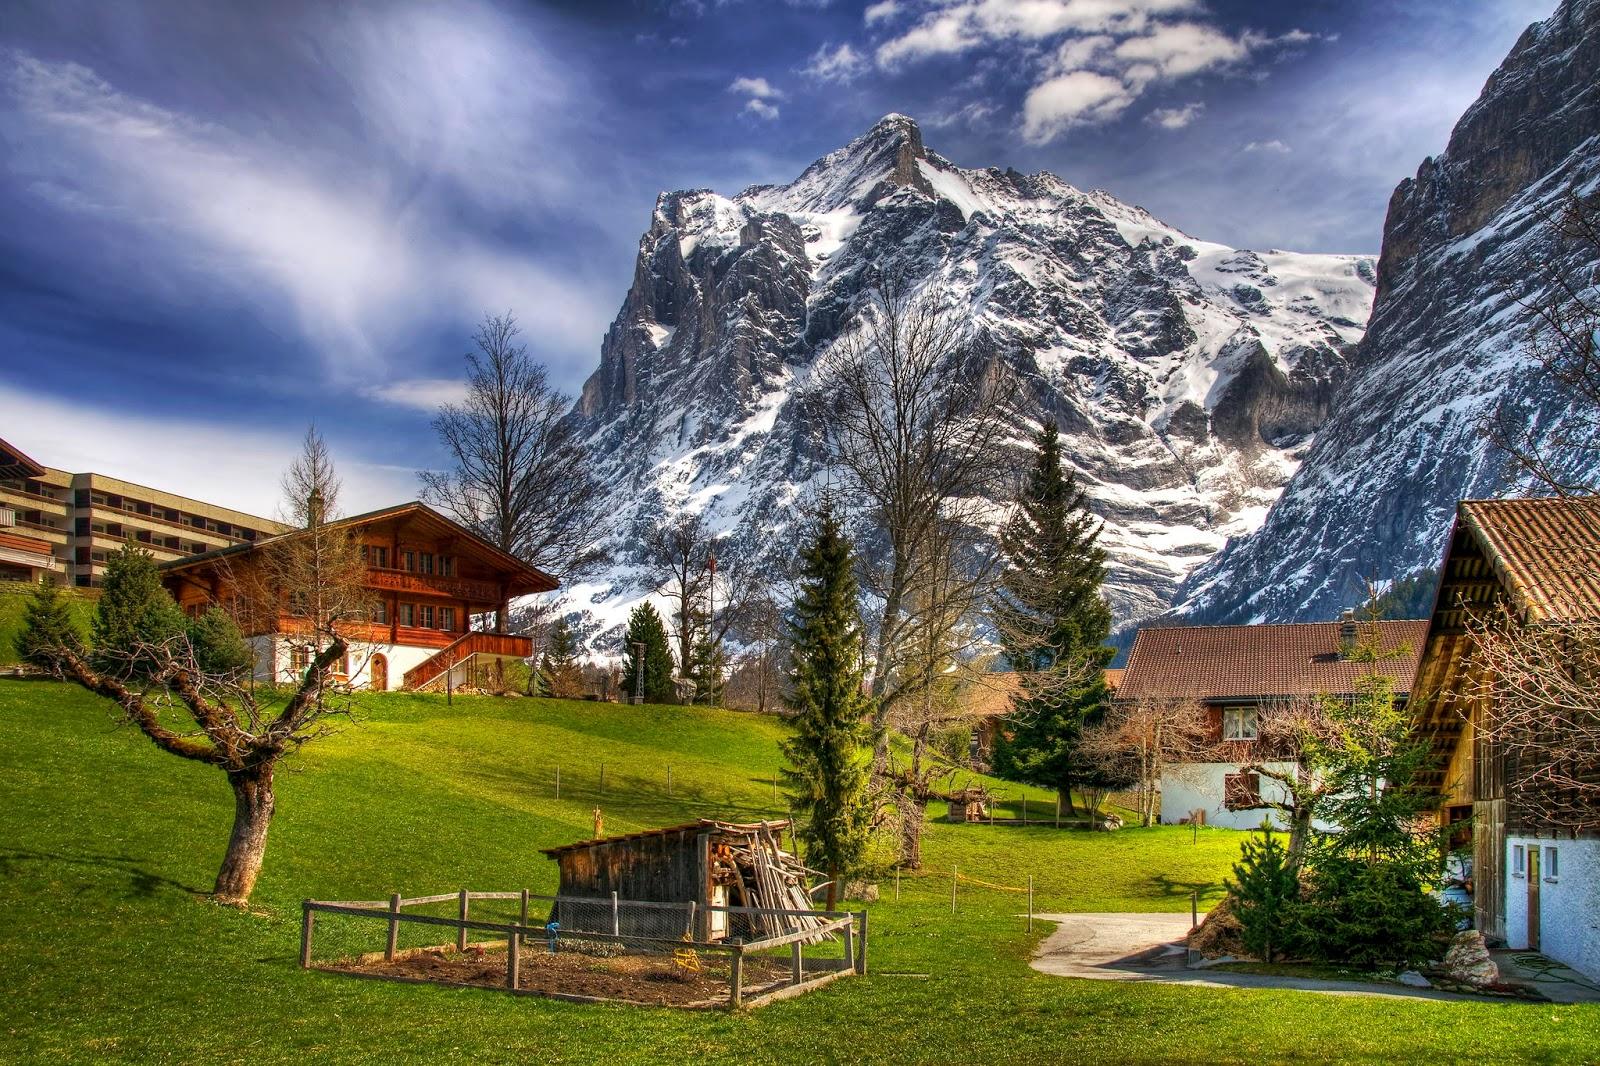 tpico paisaje los alpes suizos Quotes